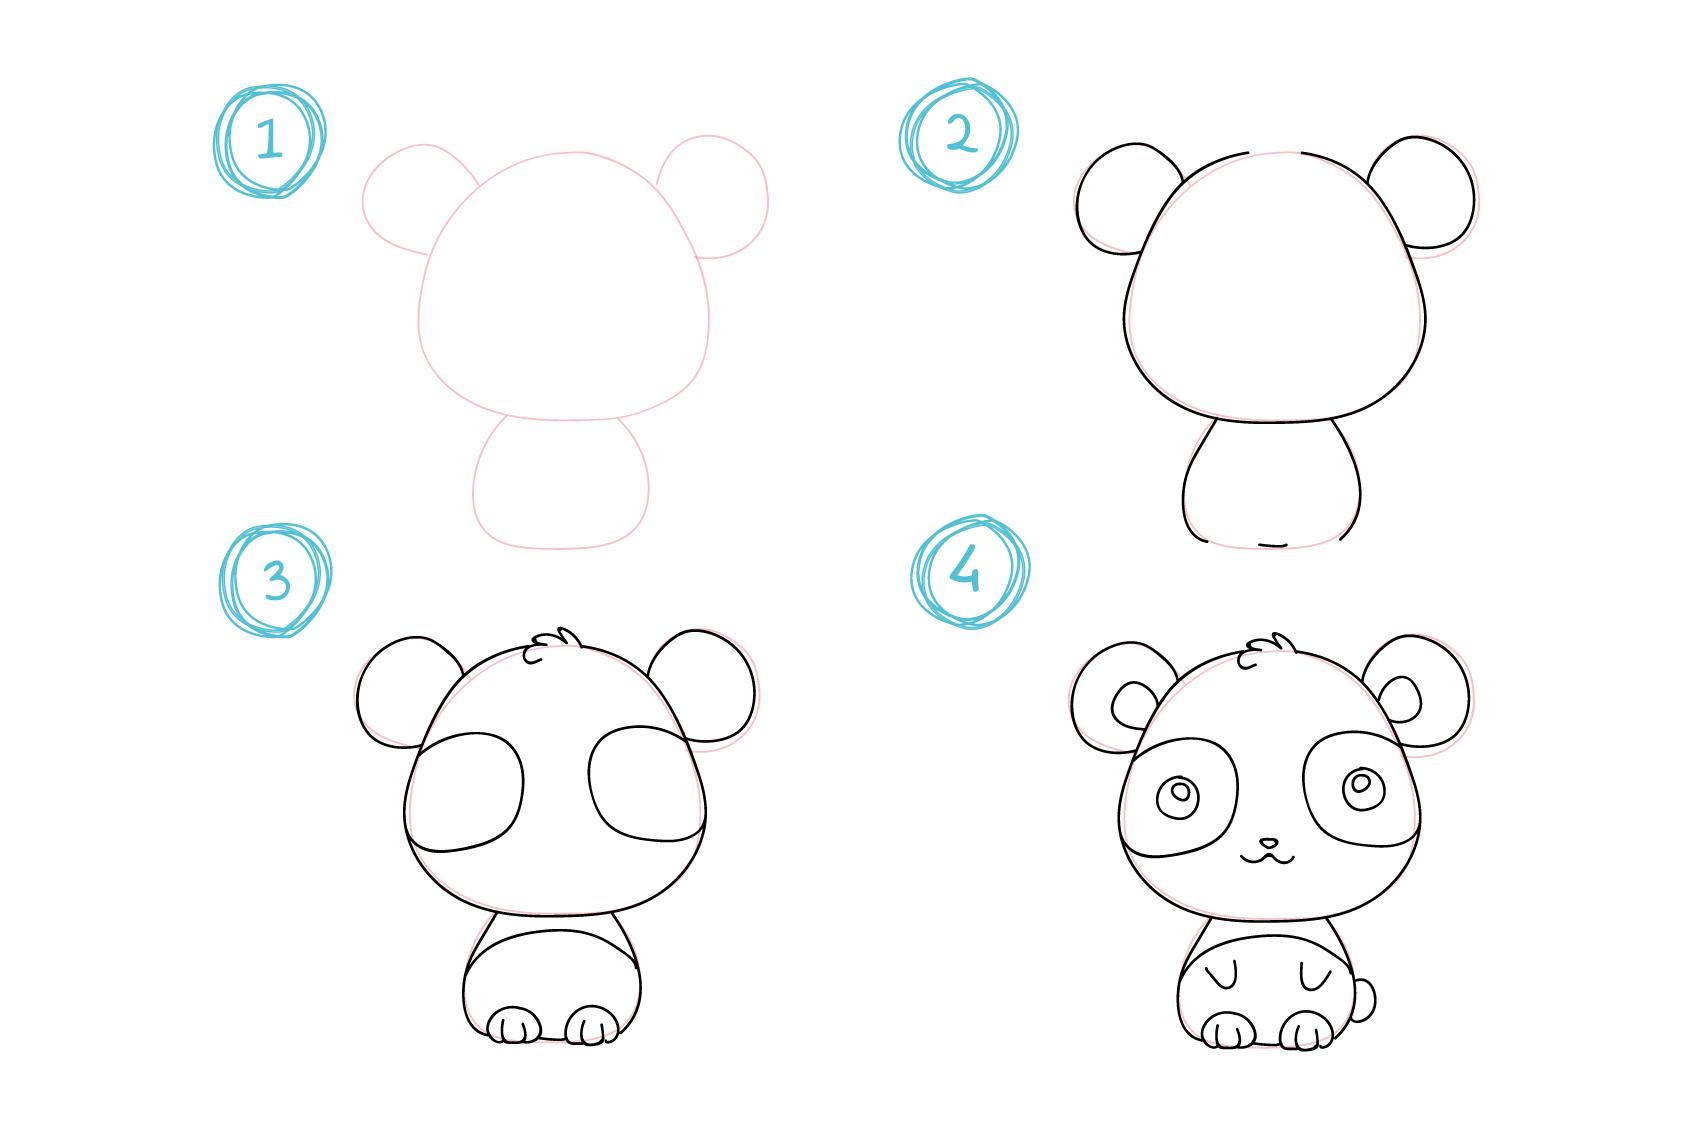 dessin facile à dessiner, koala a dessiner soi meme par etape, contours arrondis, dessin crayon facile